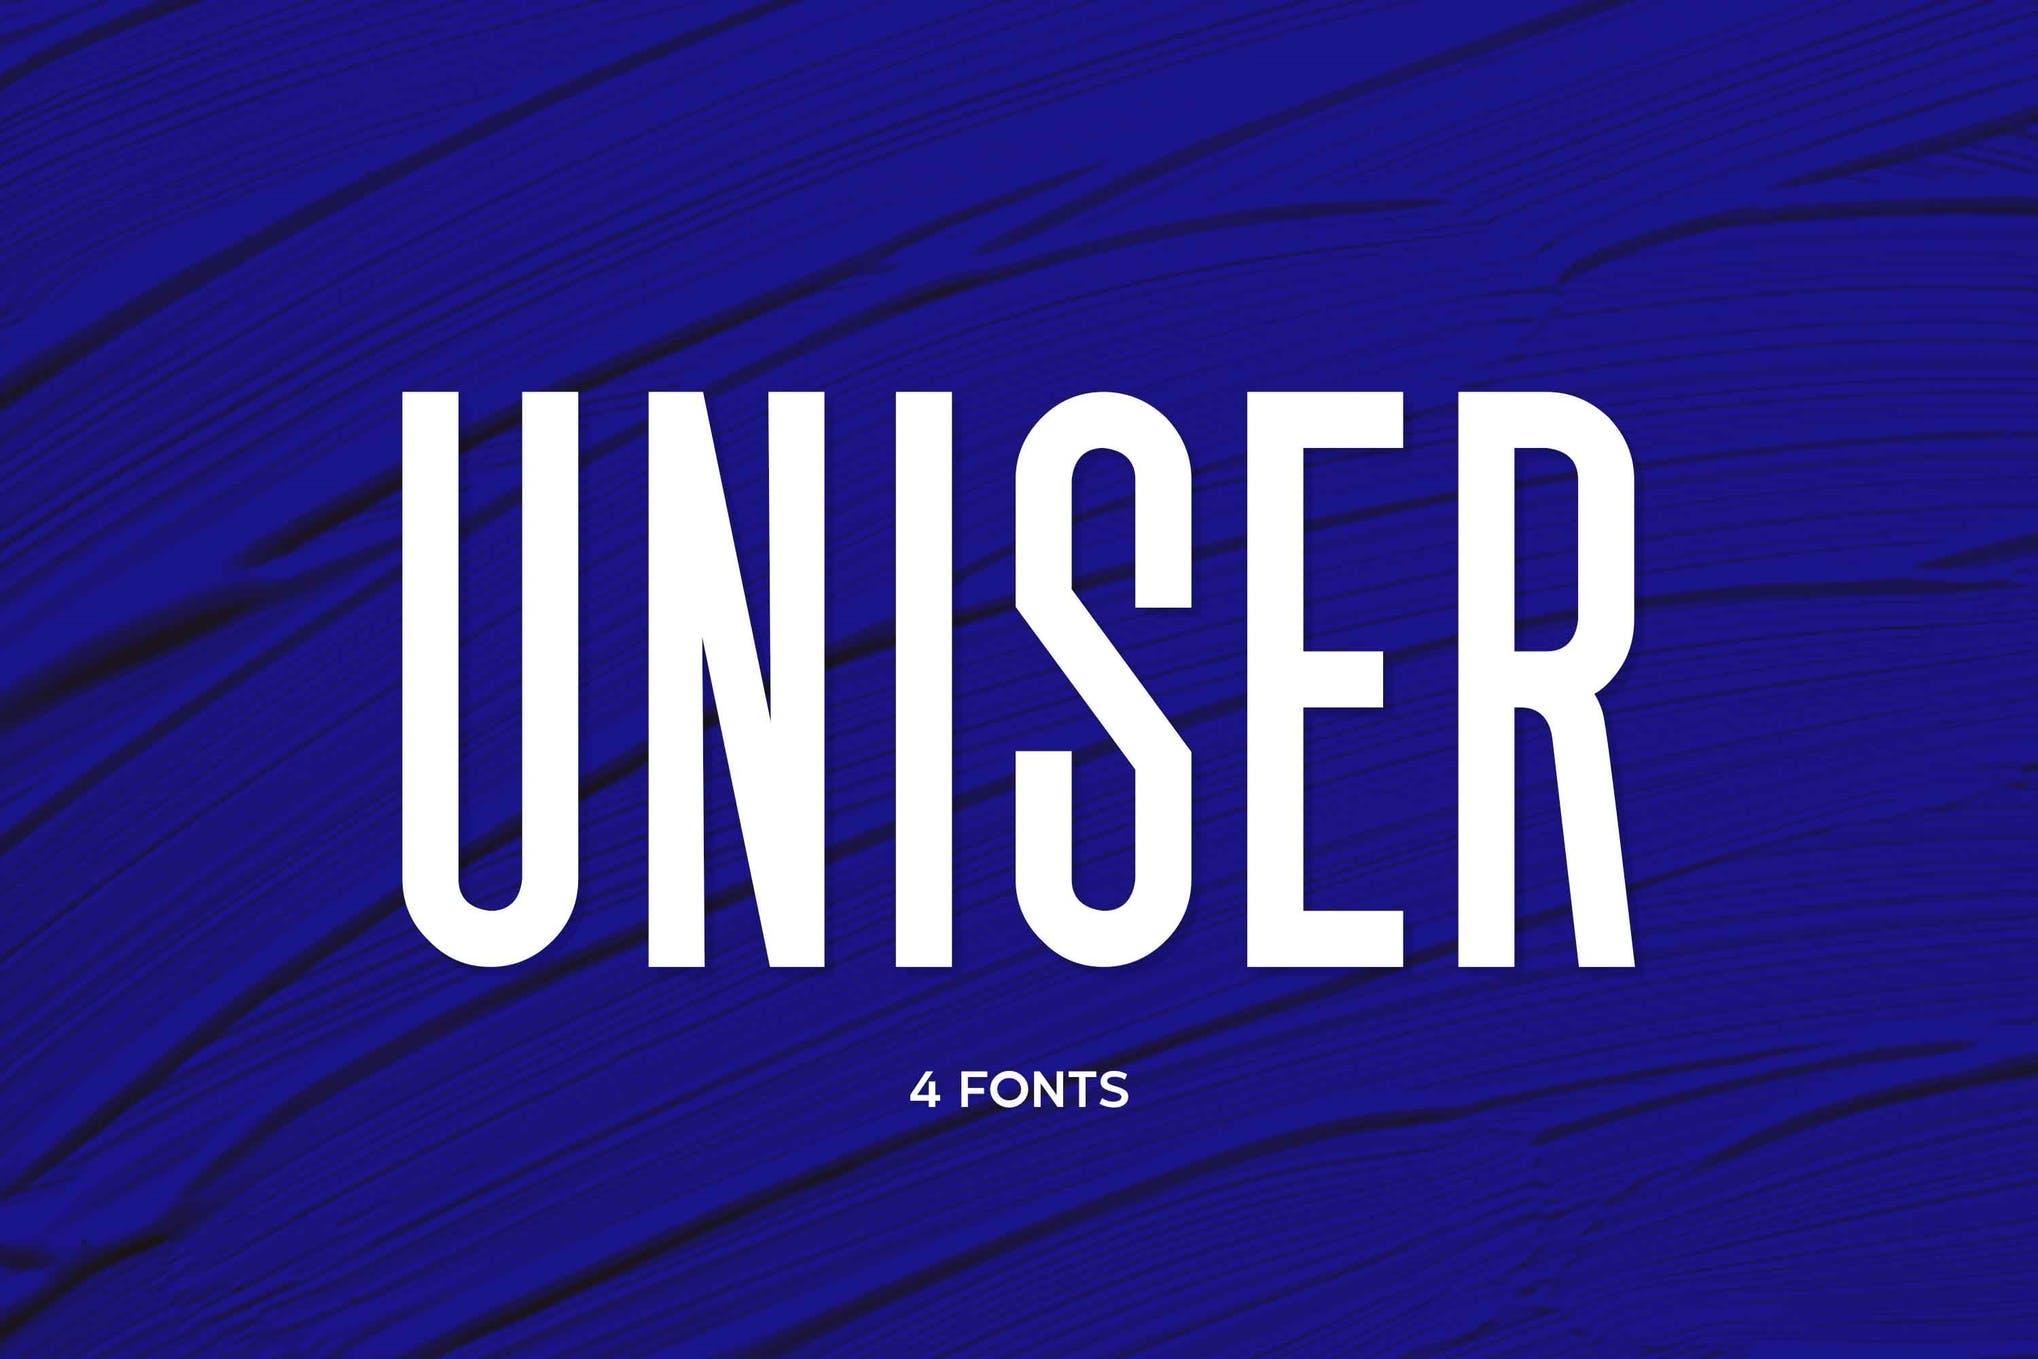 Uniser - Condensed Sans